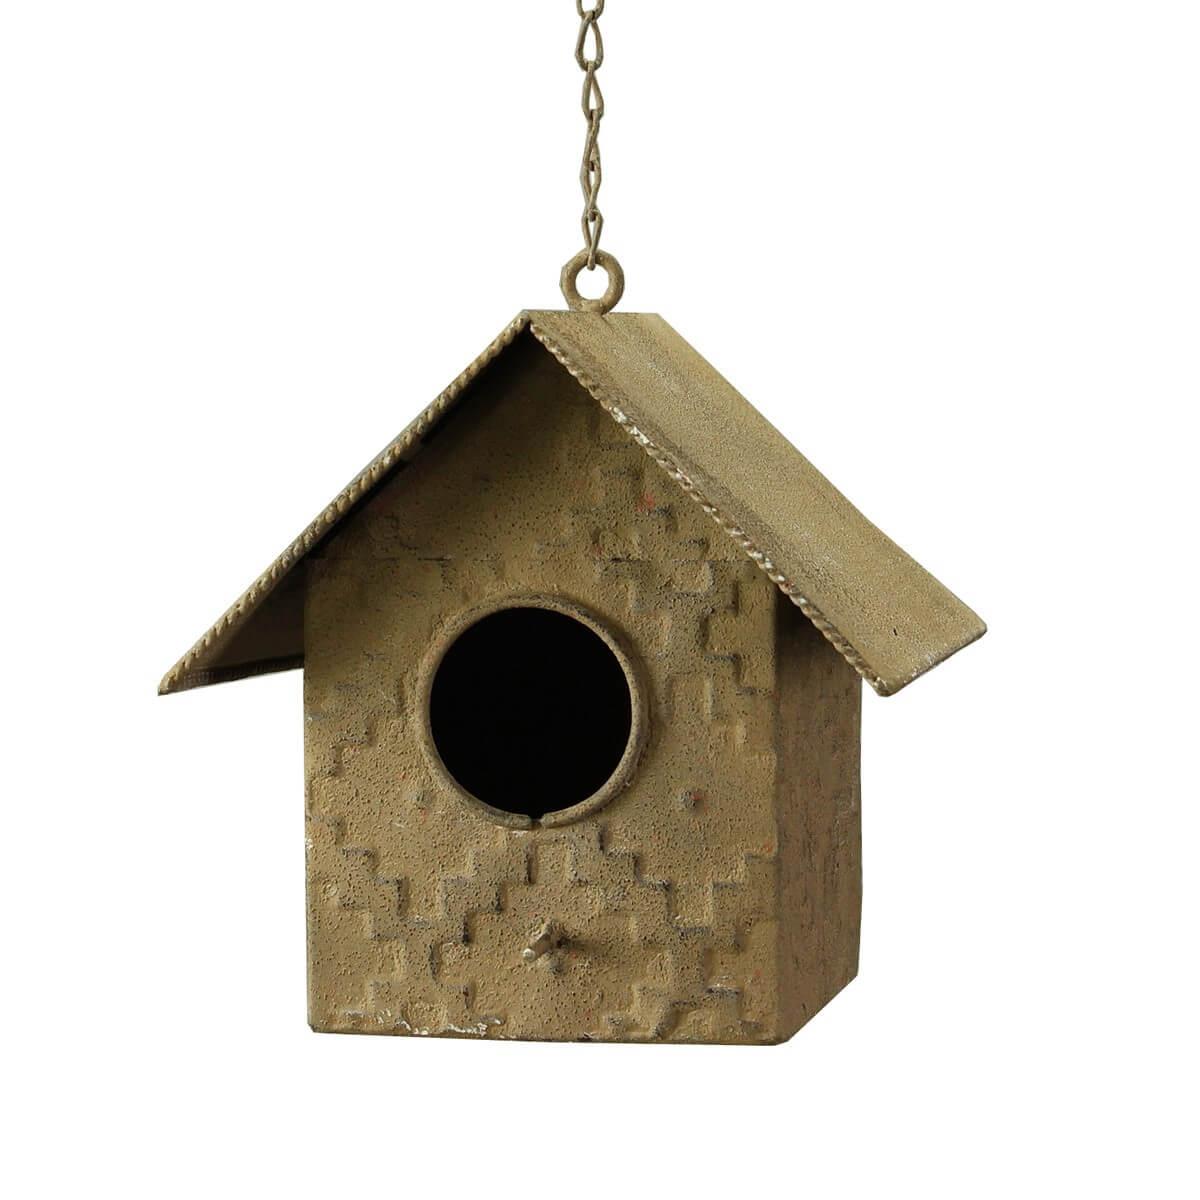 Vogelhaus Höhe 18,3 cm zum hängen